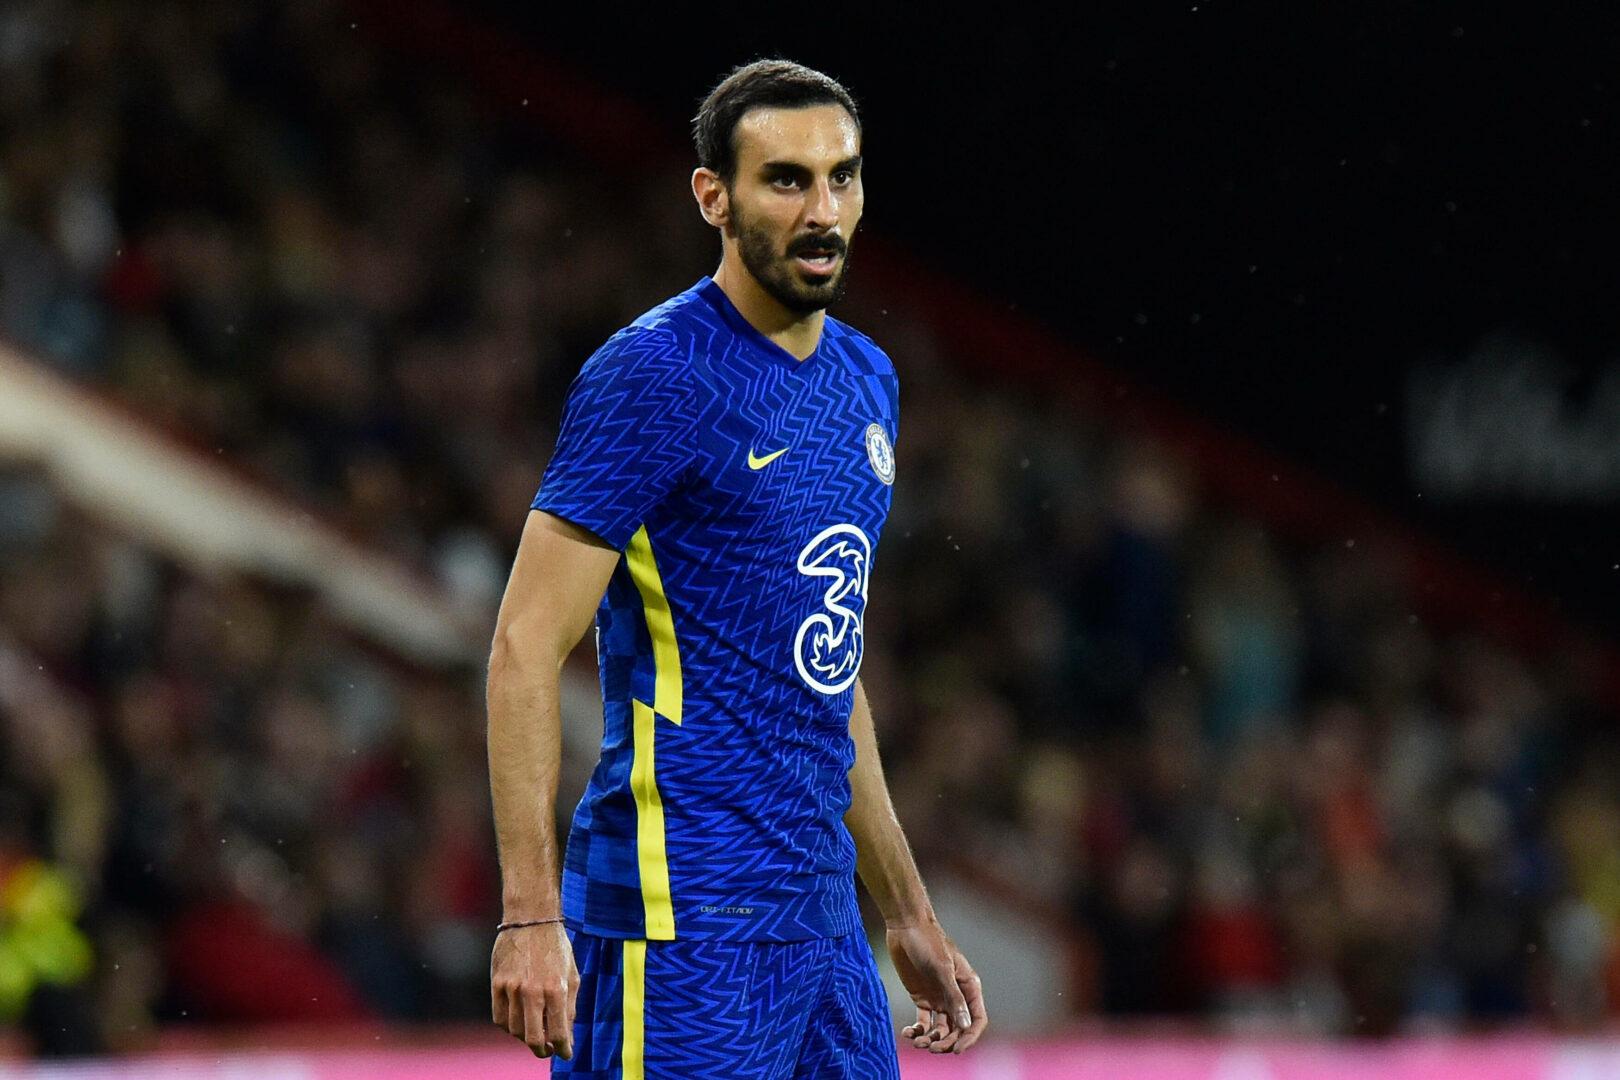 Zappacosta (FC Chelsea) im Vorbereitungsspiel gegen Bournemouth